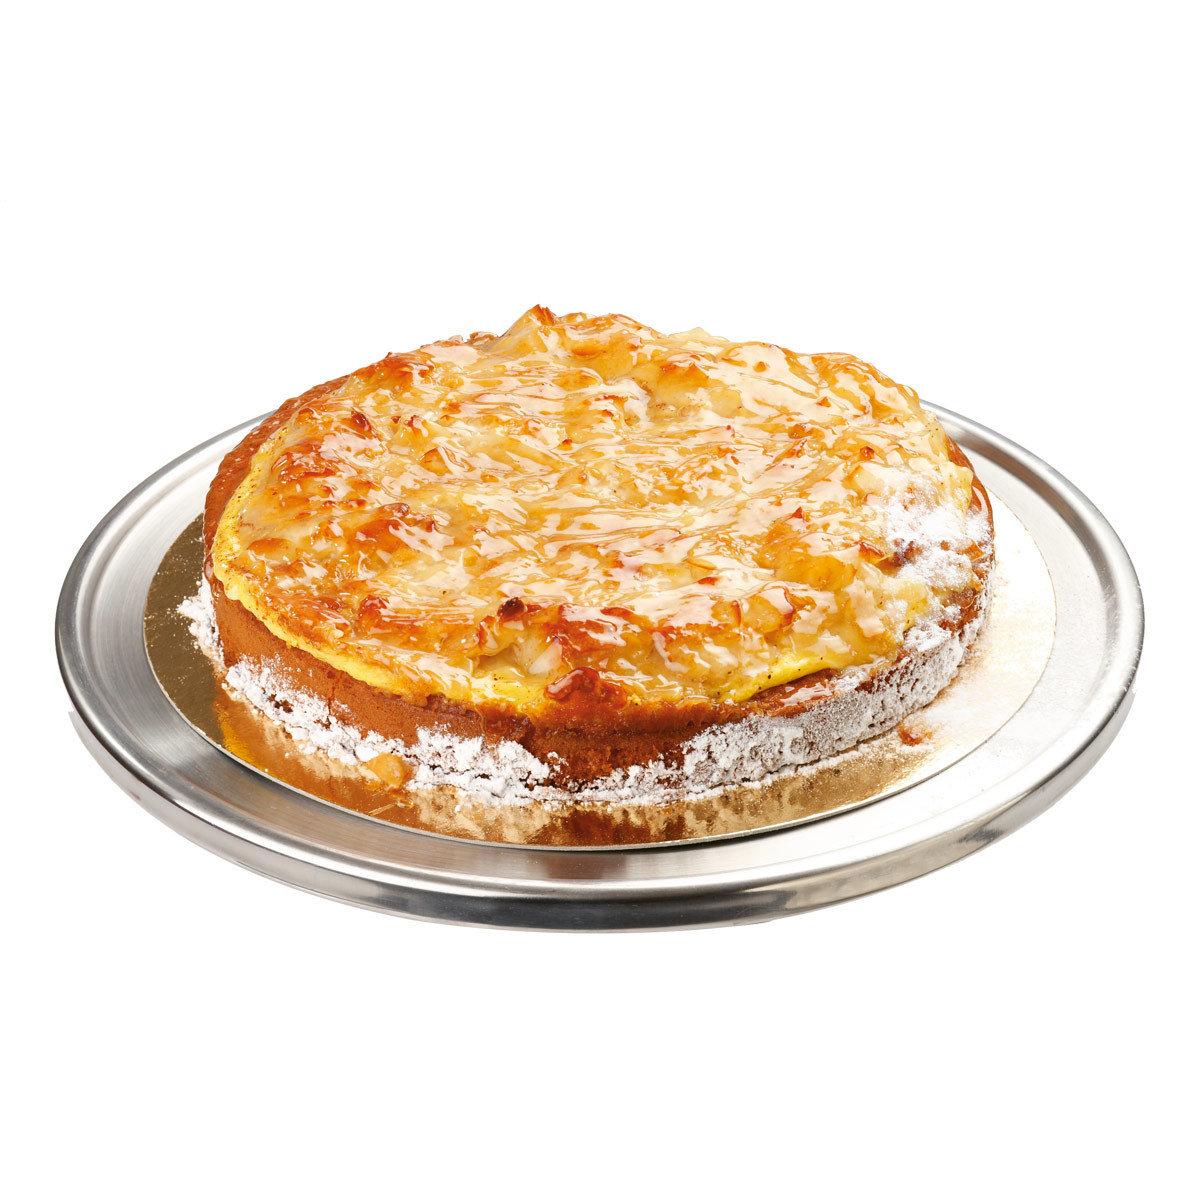 Toscapiiras vaniljalla ja päärynällä bakery037